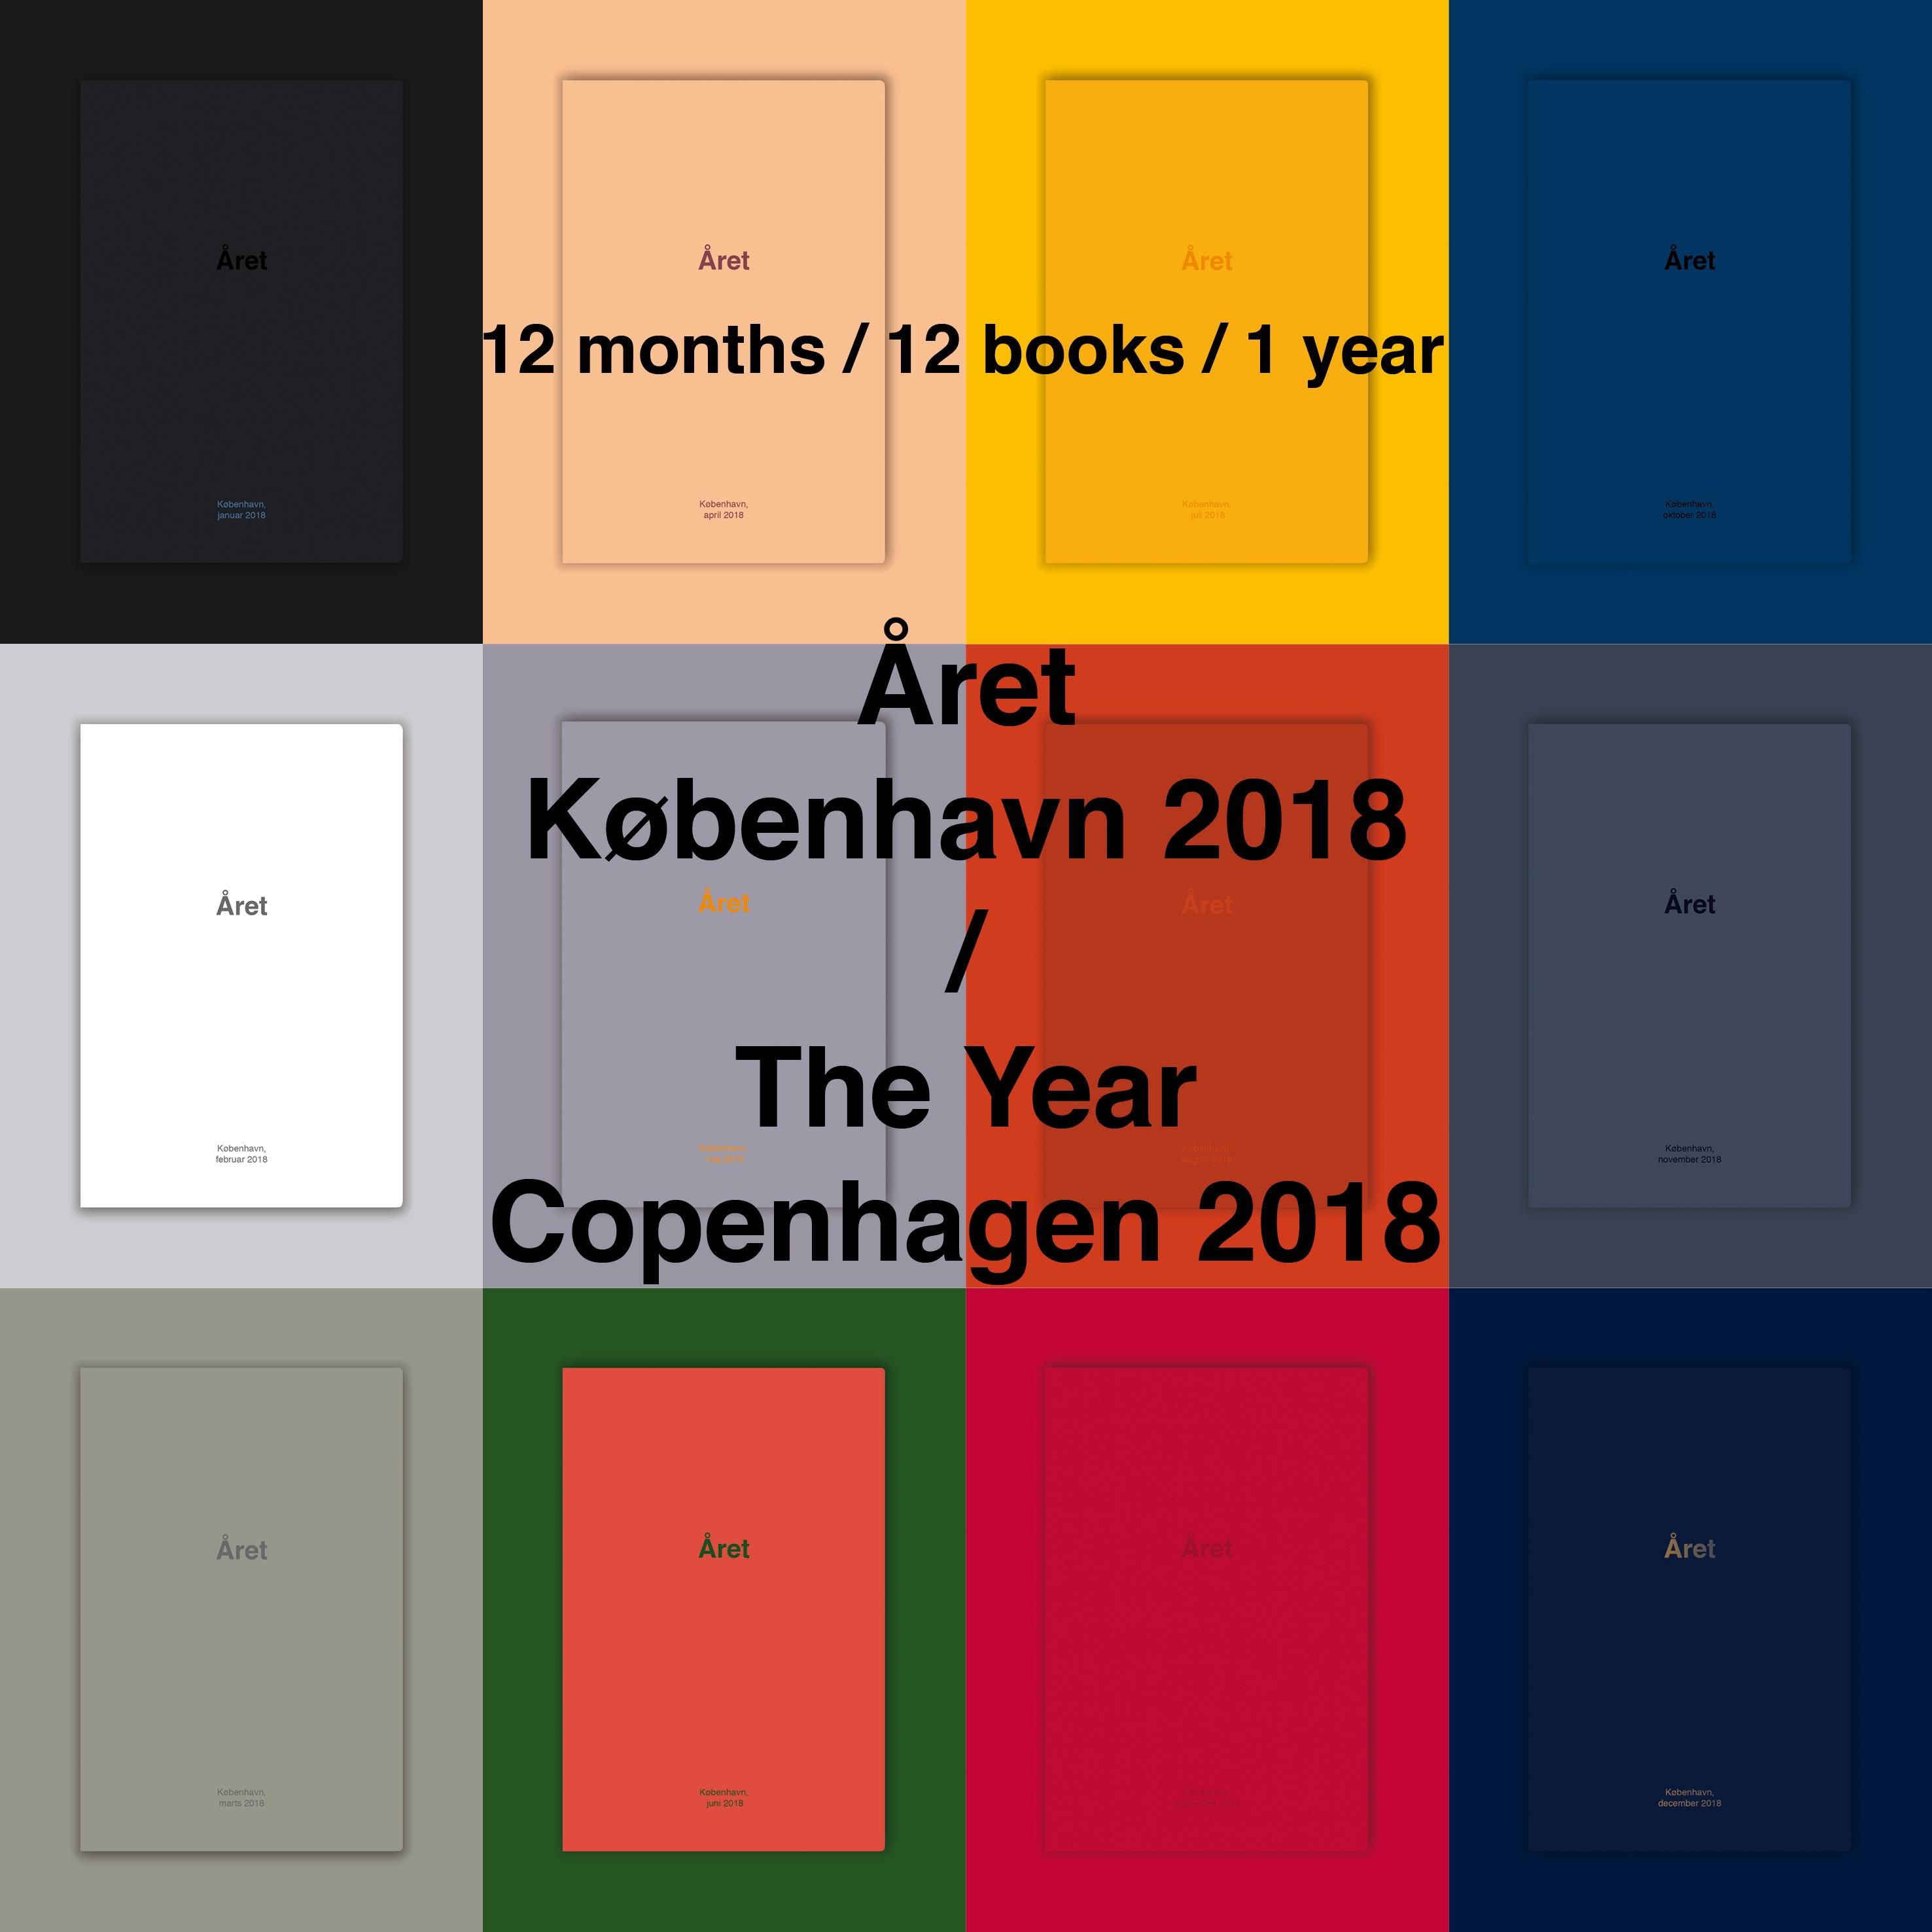 Året, København 2018 Book Launch